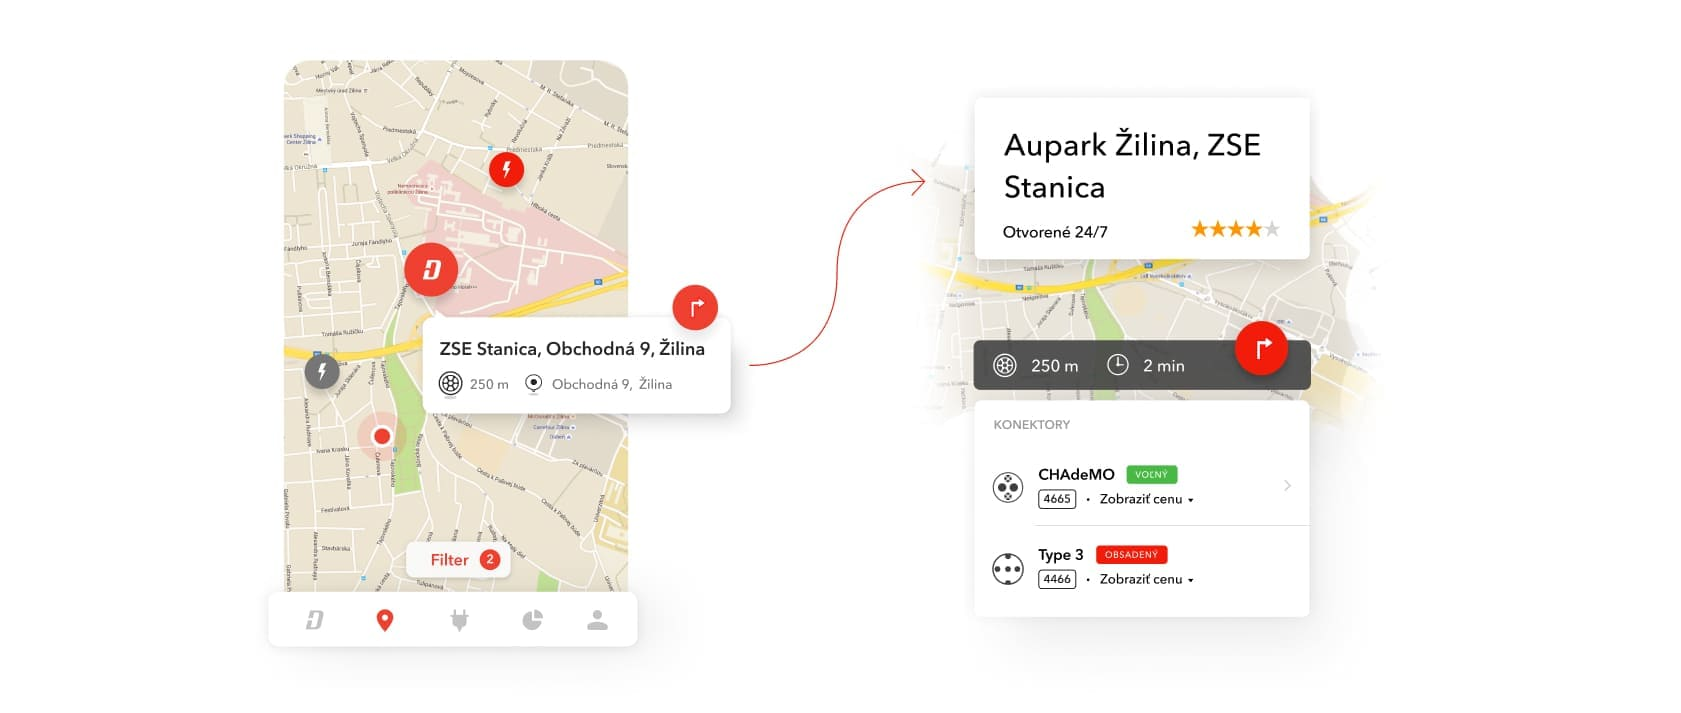 mobile app platform for charging